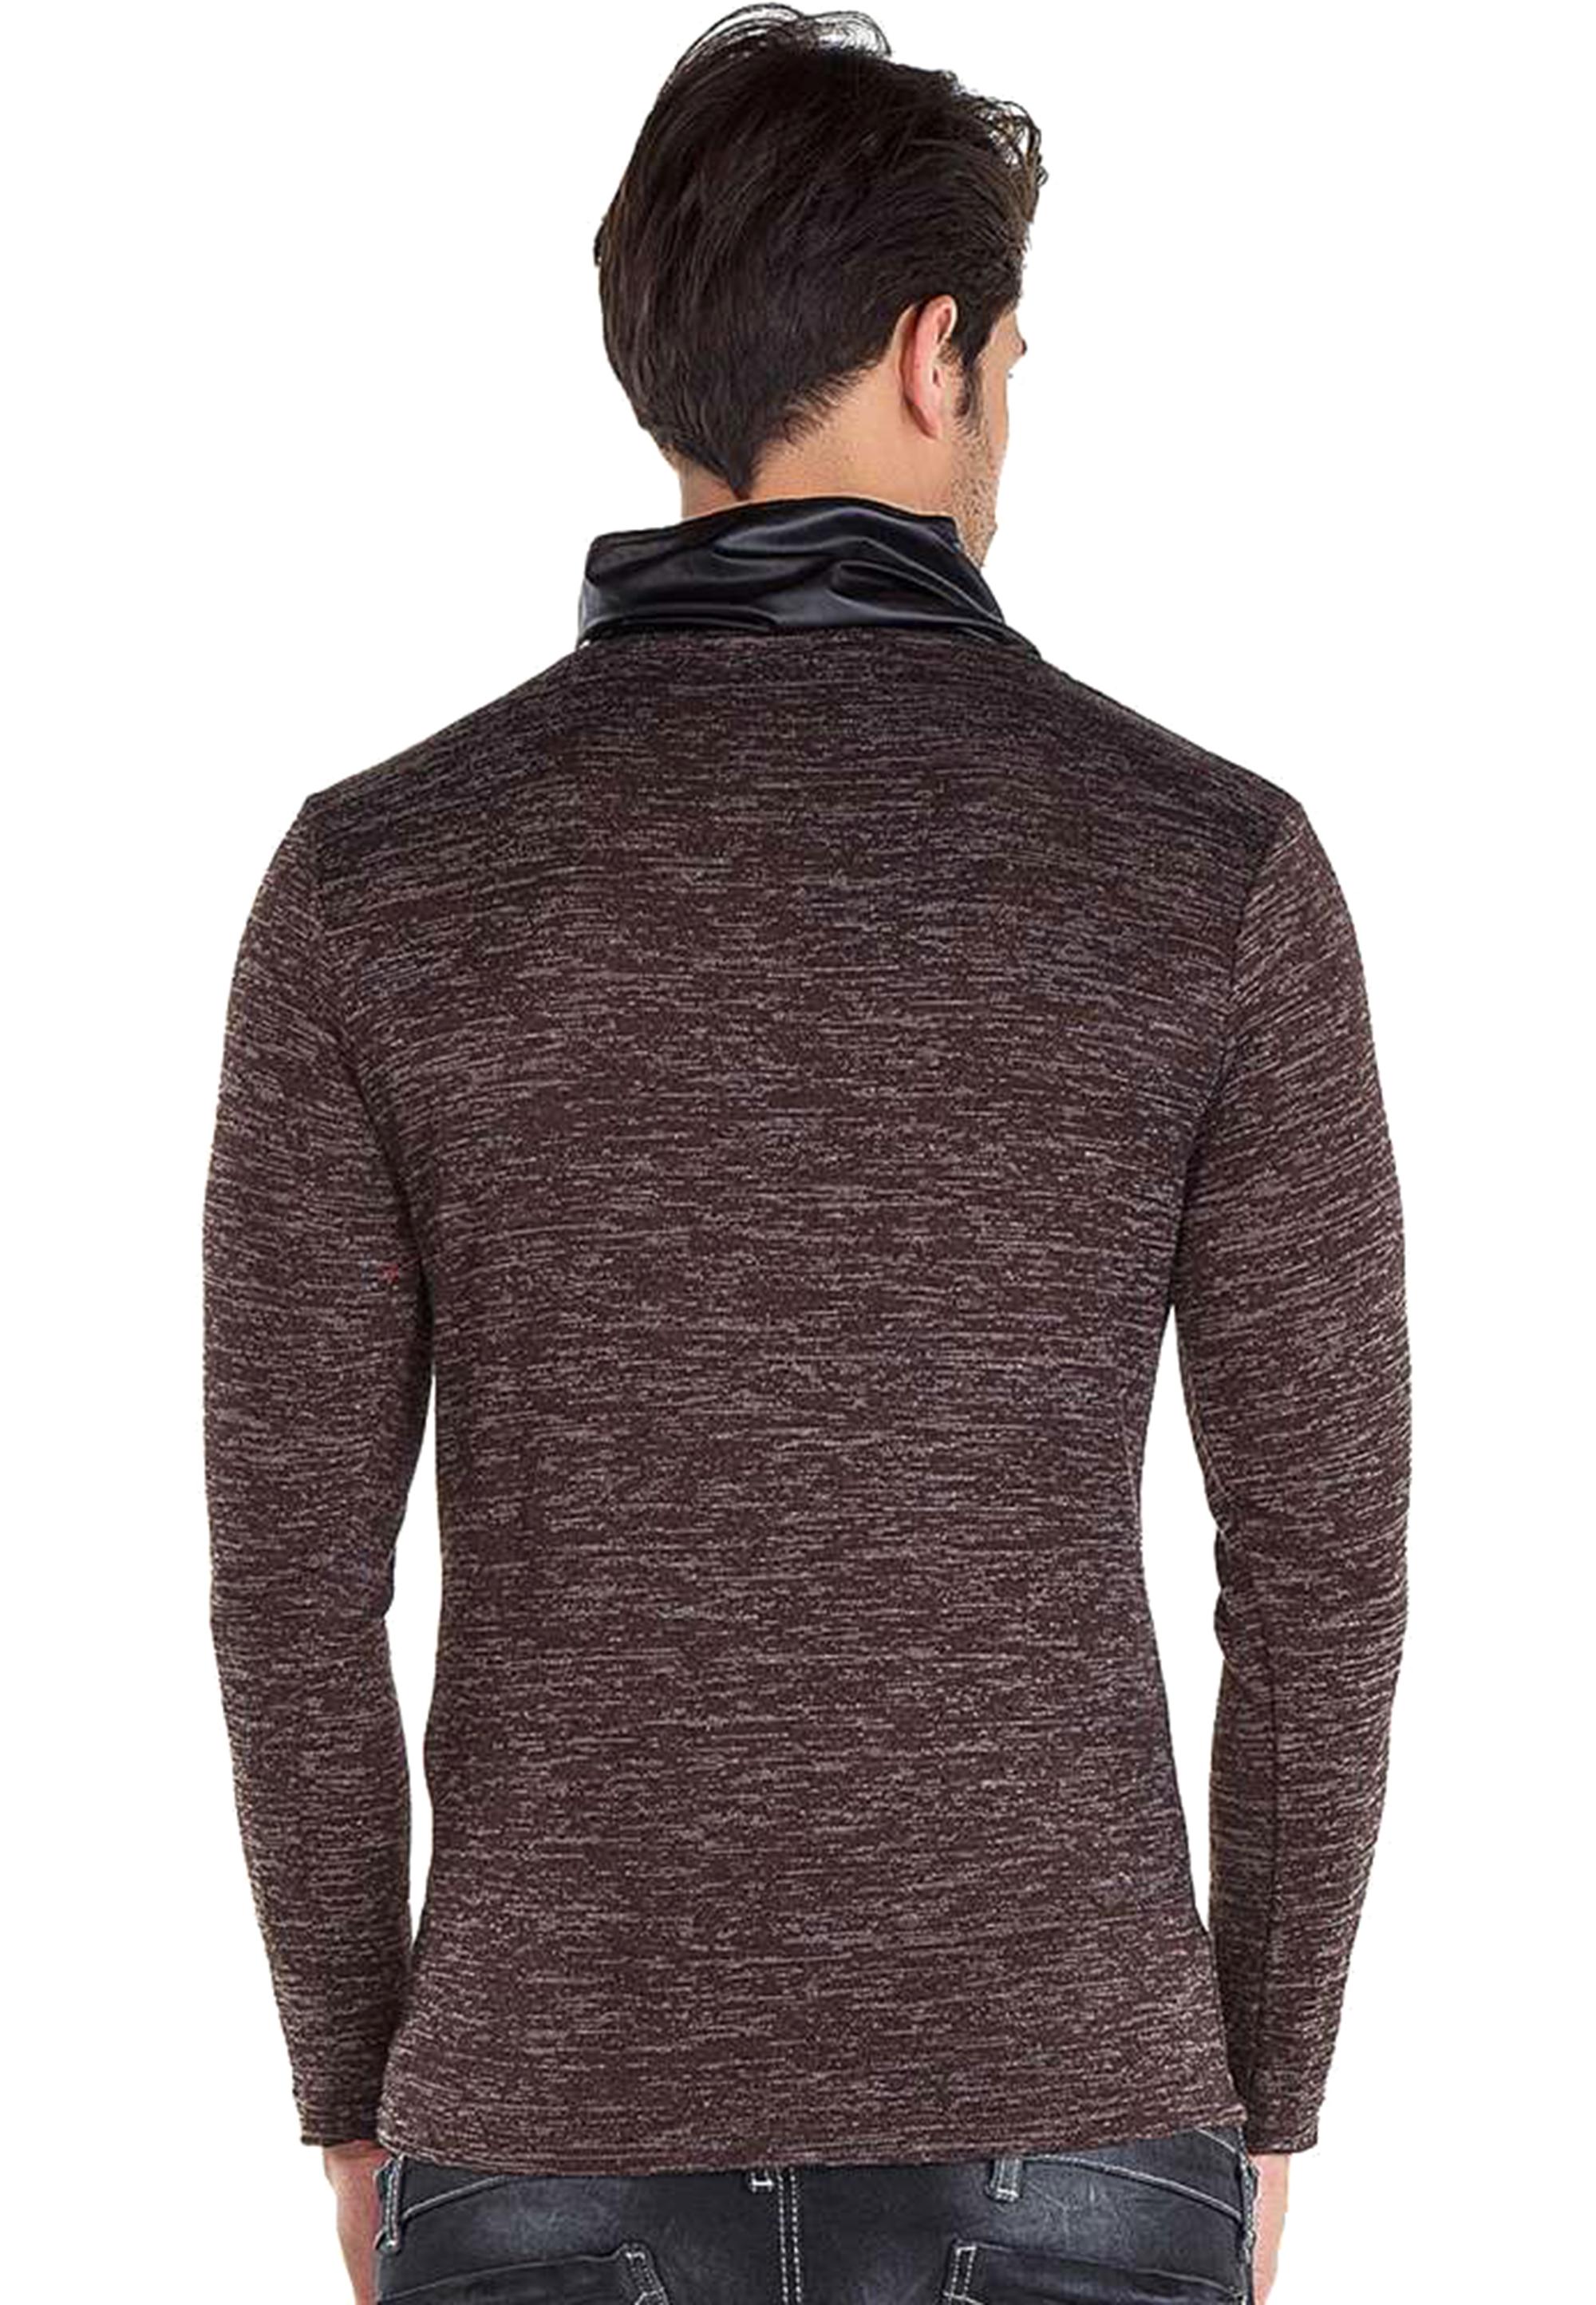 Cipo & Baxx Pullover in Brown günstig kaufen